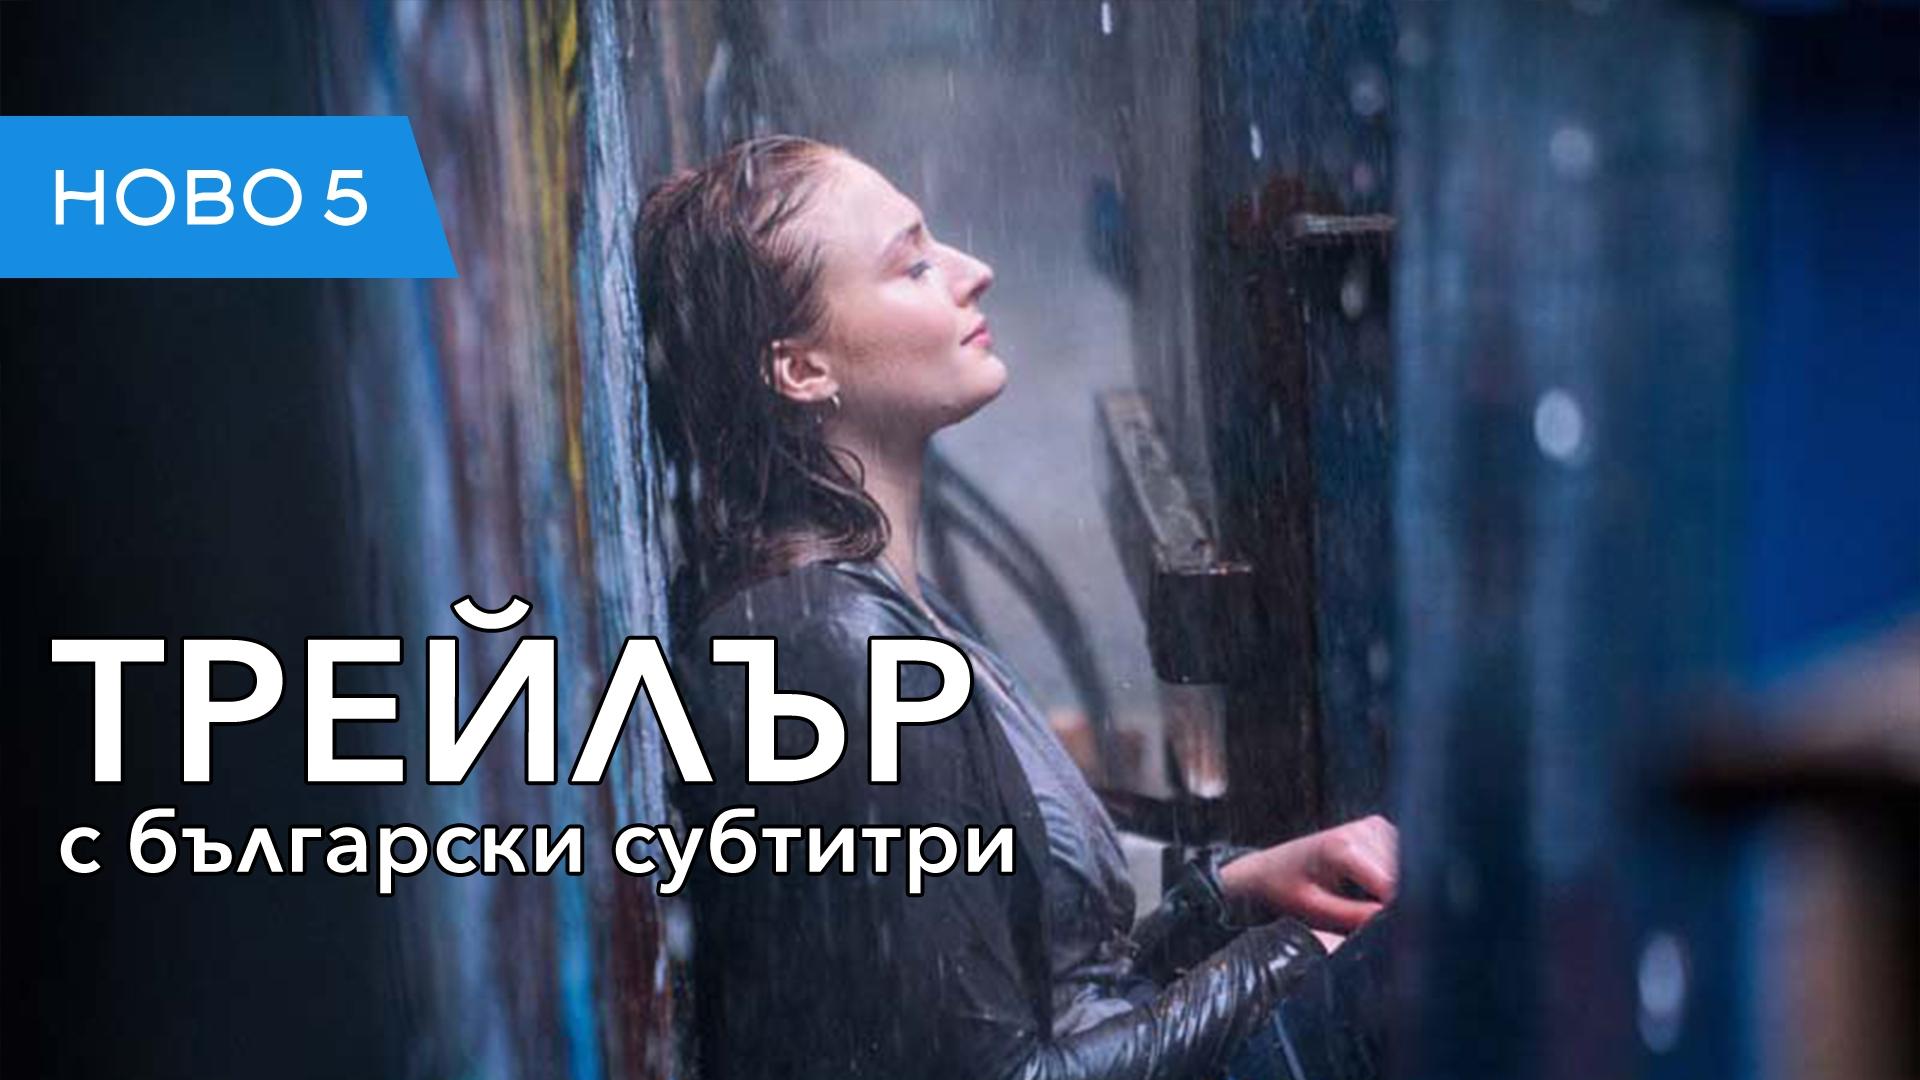 Х-Мен: Тъмния феникс (2019) тийзър трейлър с български субтитри